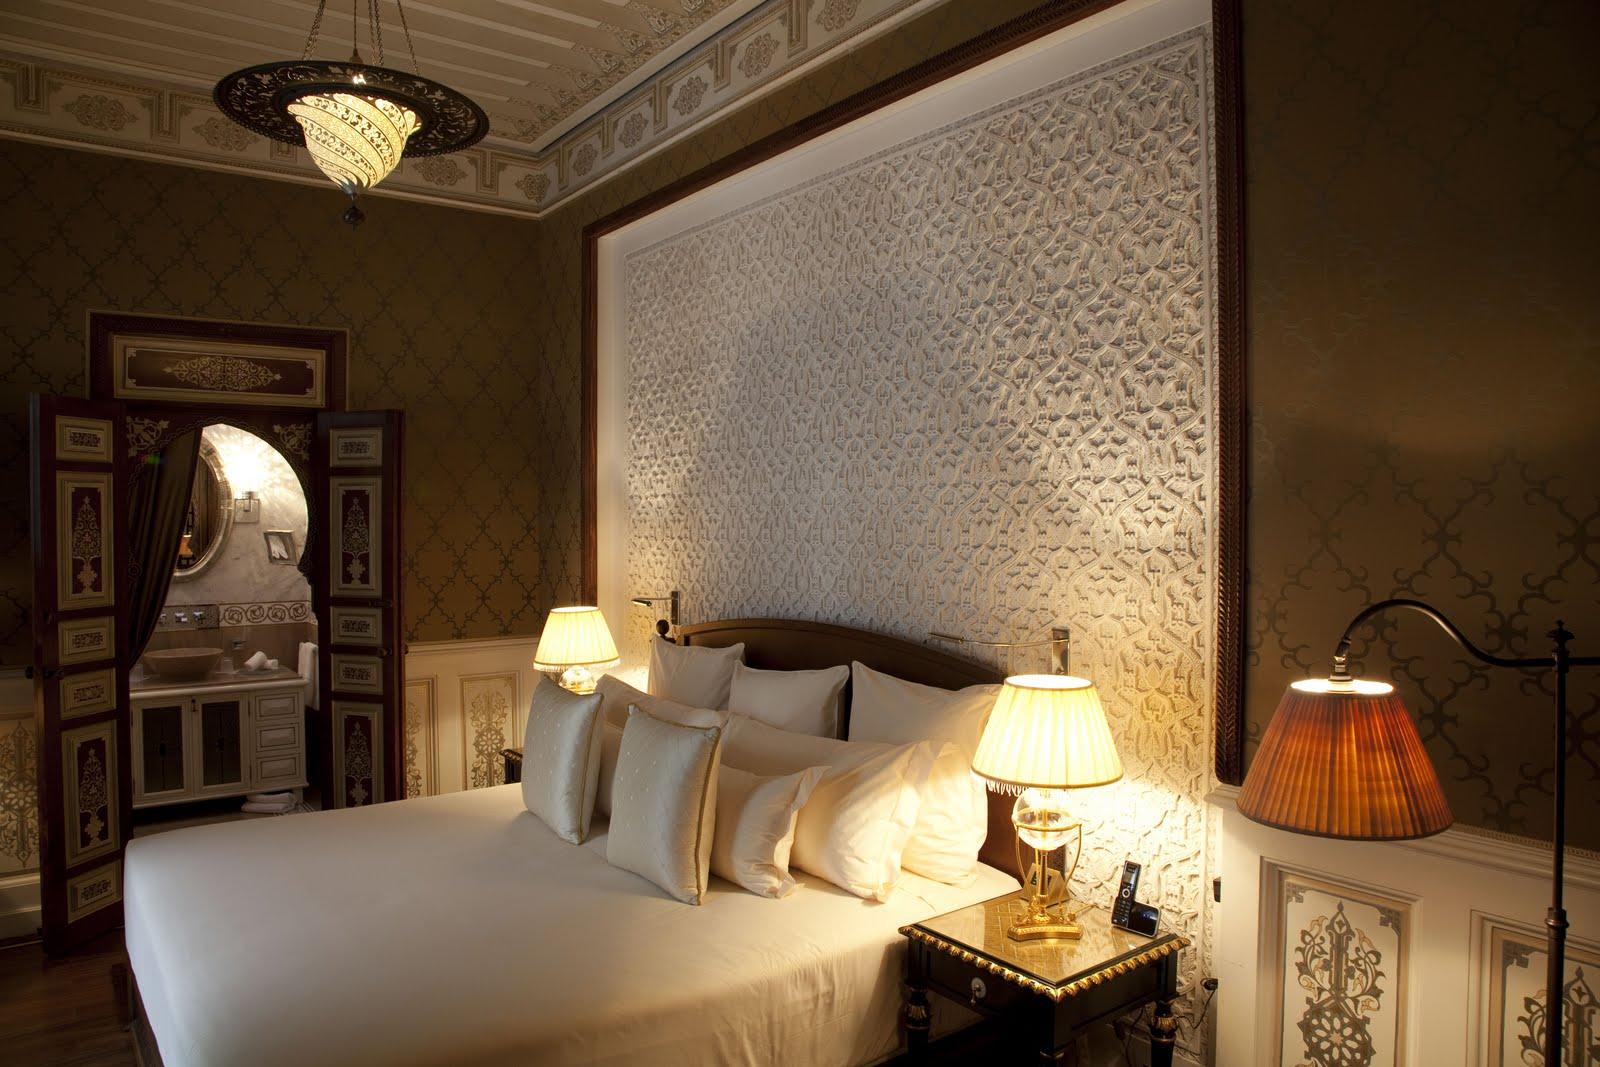 HÔtels de rÊve: le royal mansour marrakech